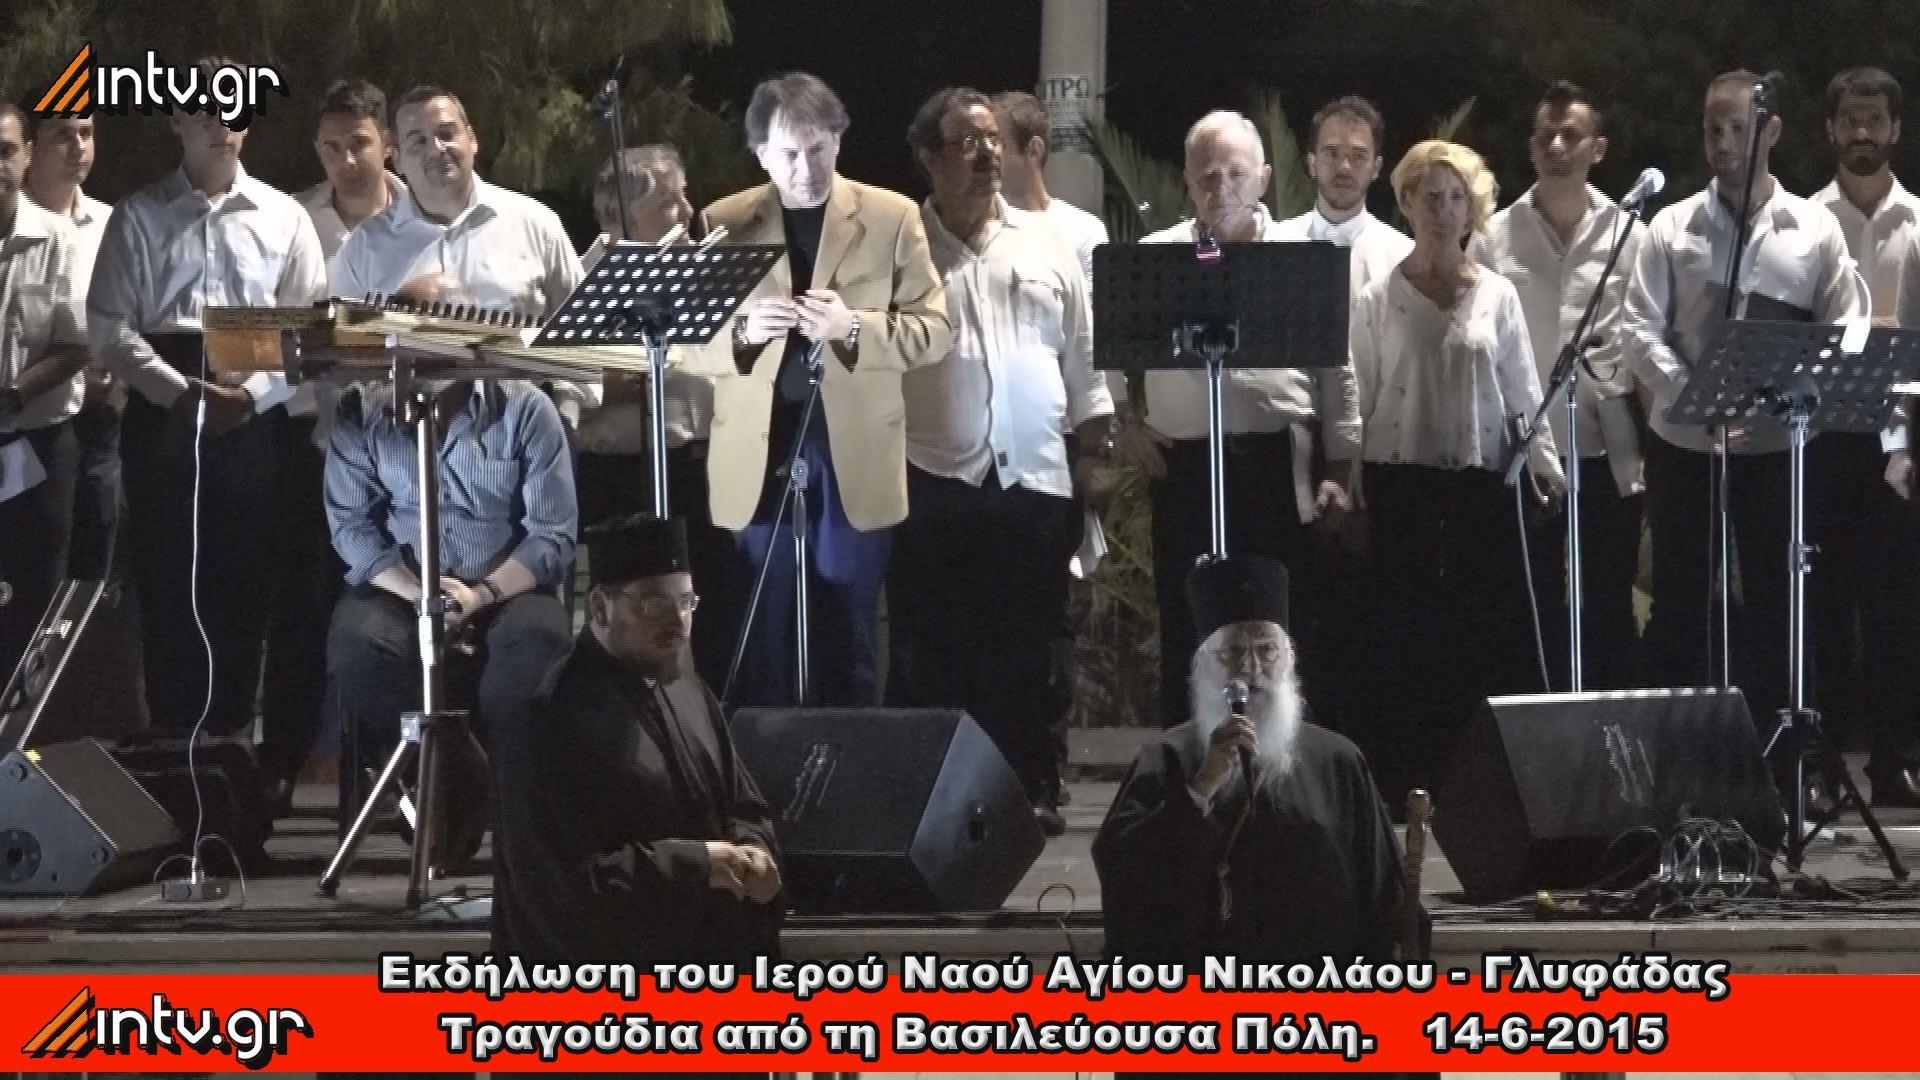 Εκδήλωση του Ιερού Ναού Αγίου Νικολάου  Γλυφάδας - Τραγούδια από τη Βασιλεύουσα Πόλη.